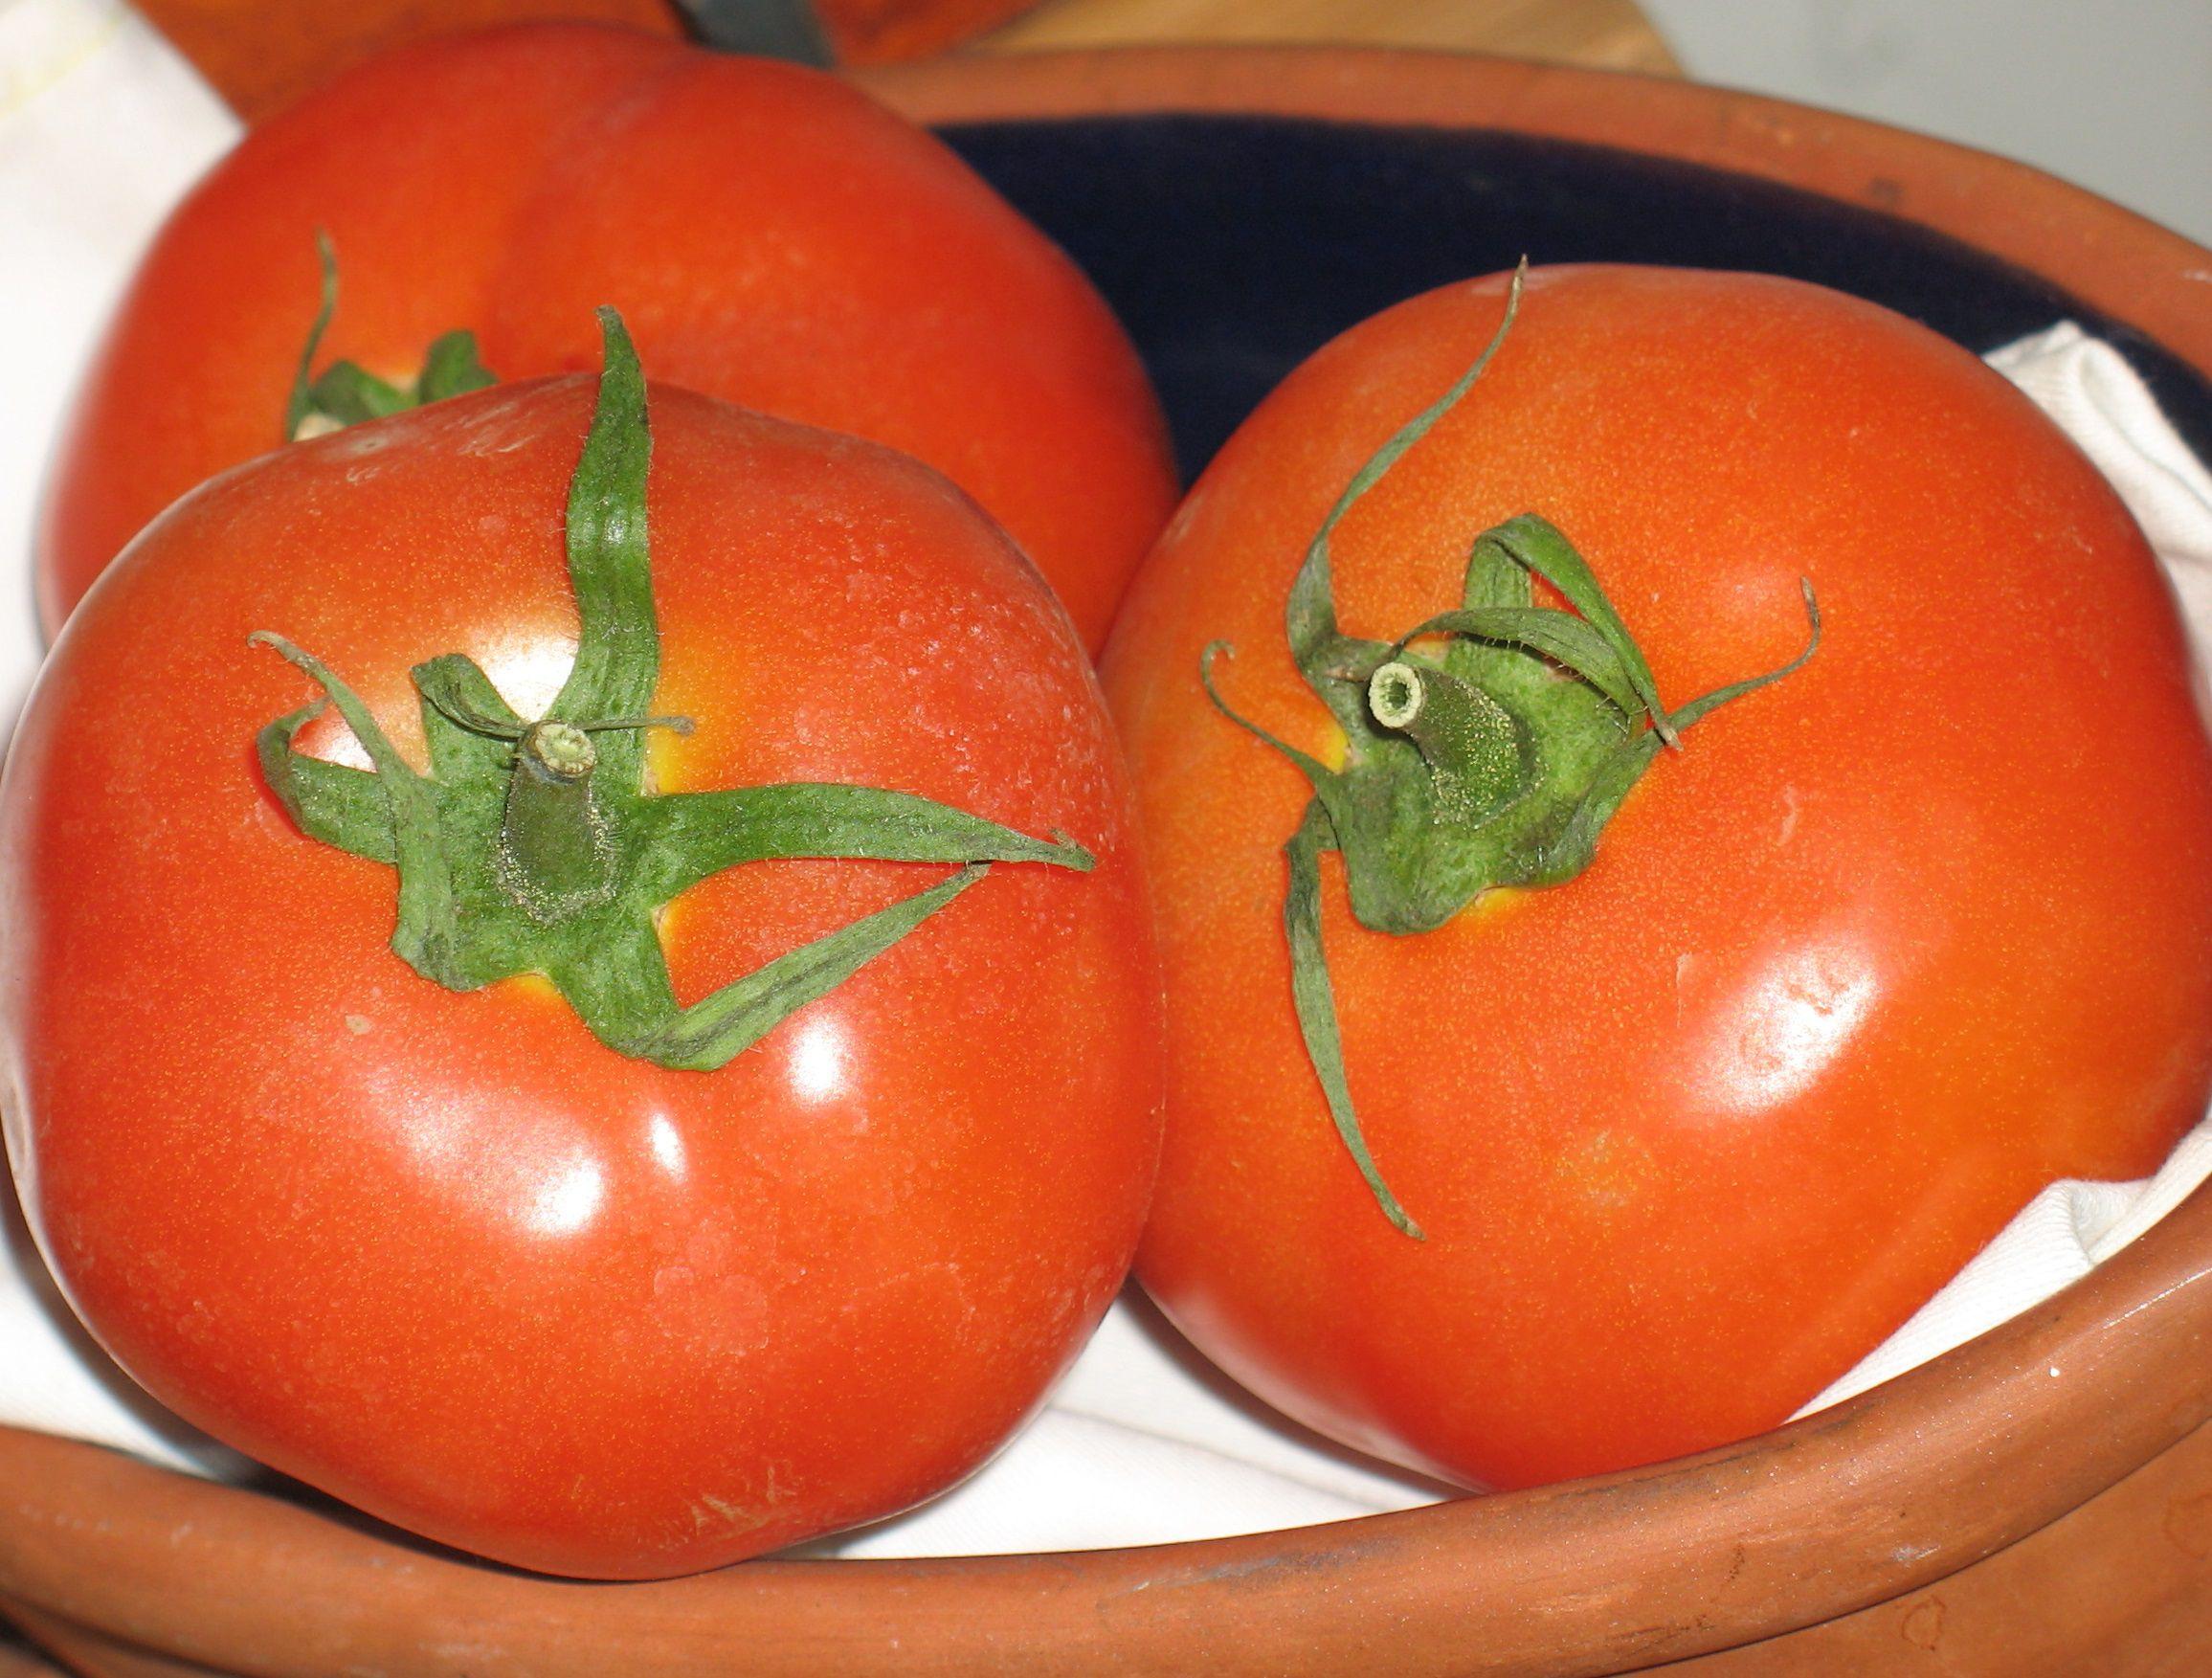 تبيض الوجه بالطماطم